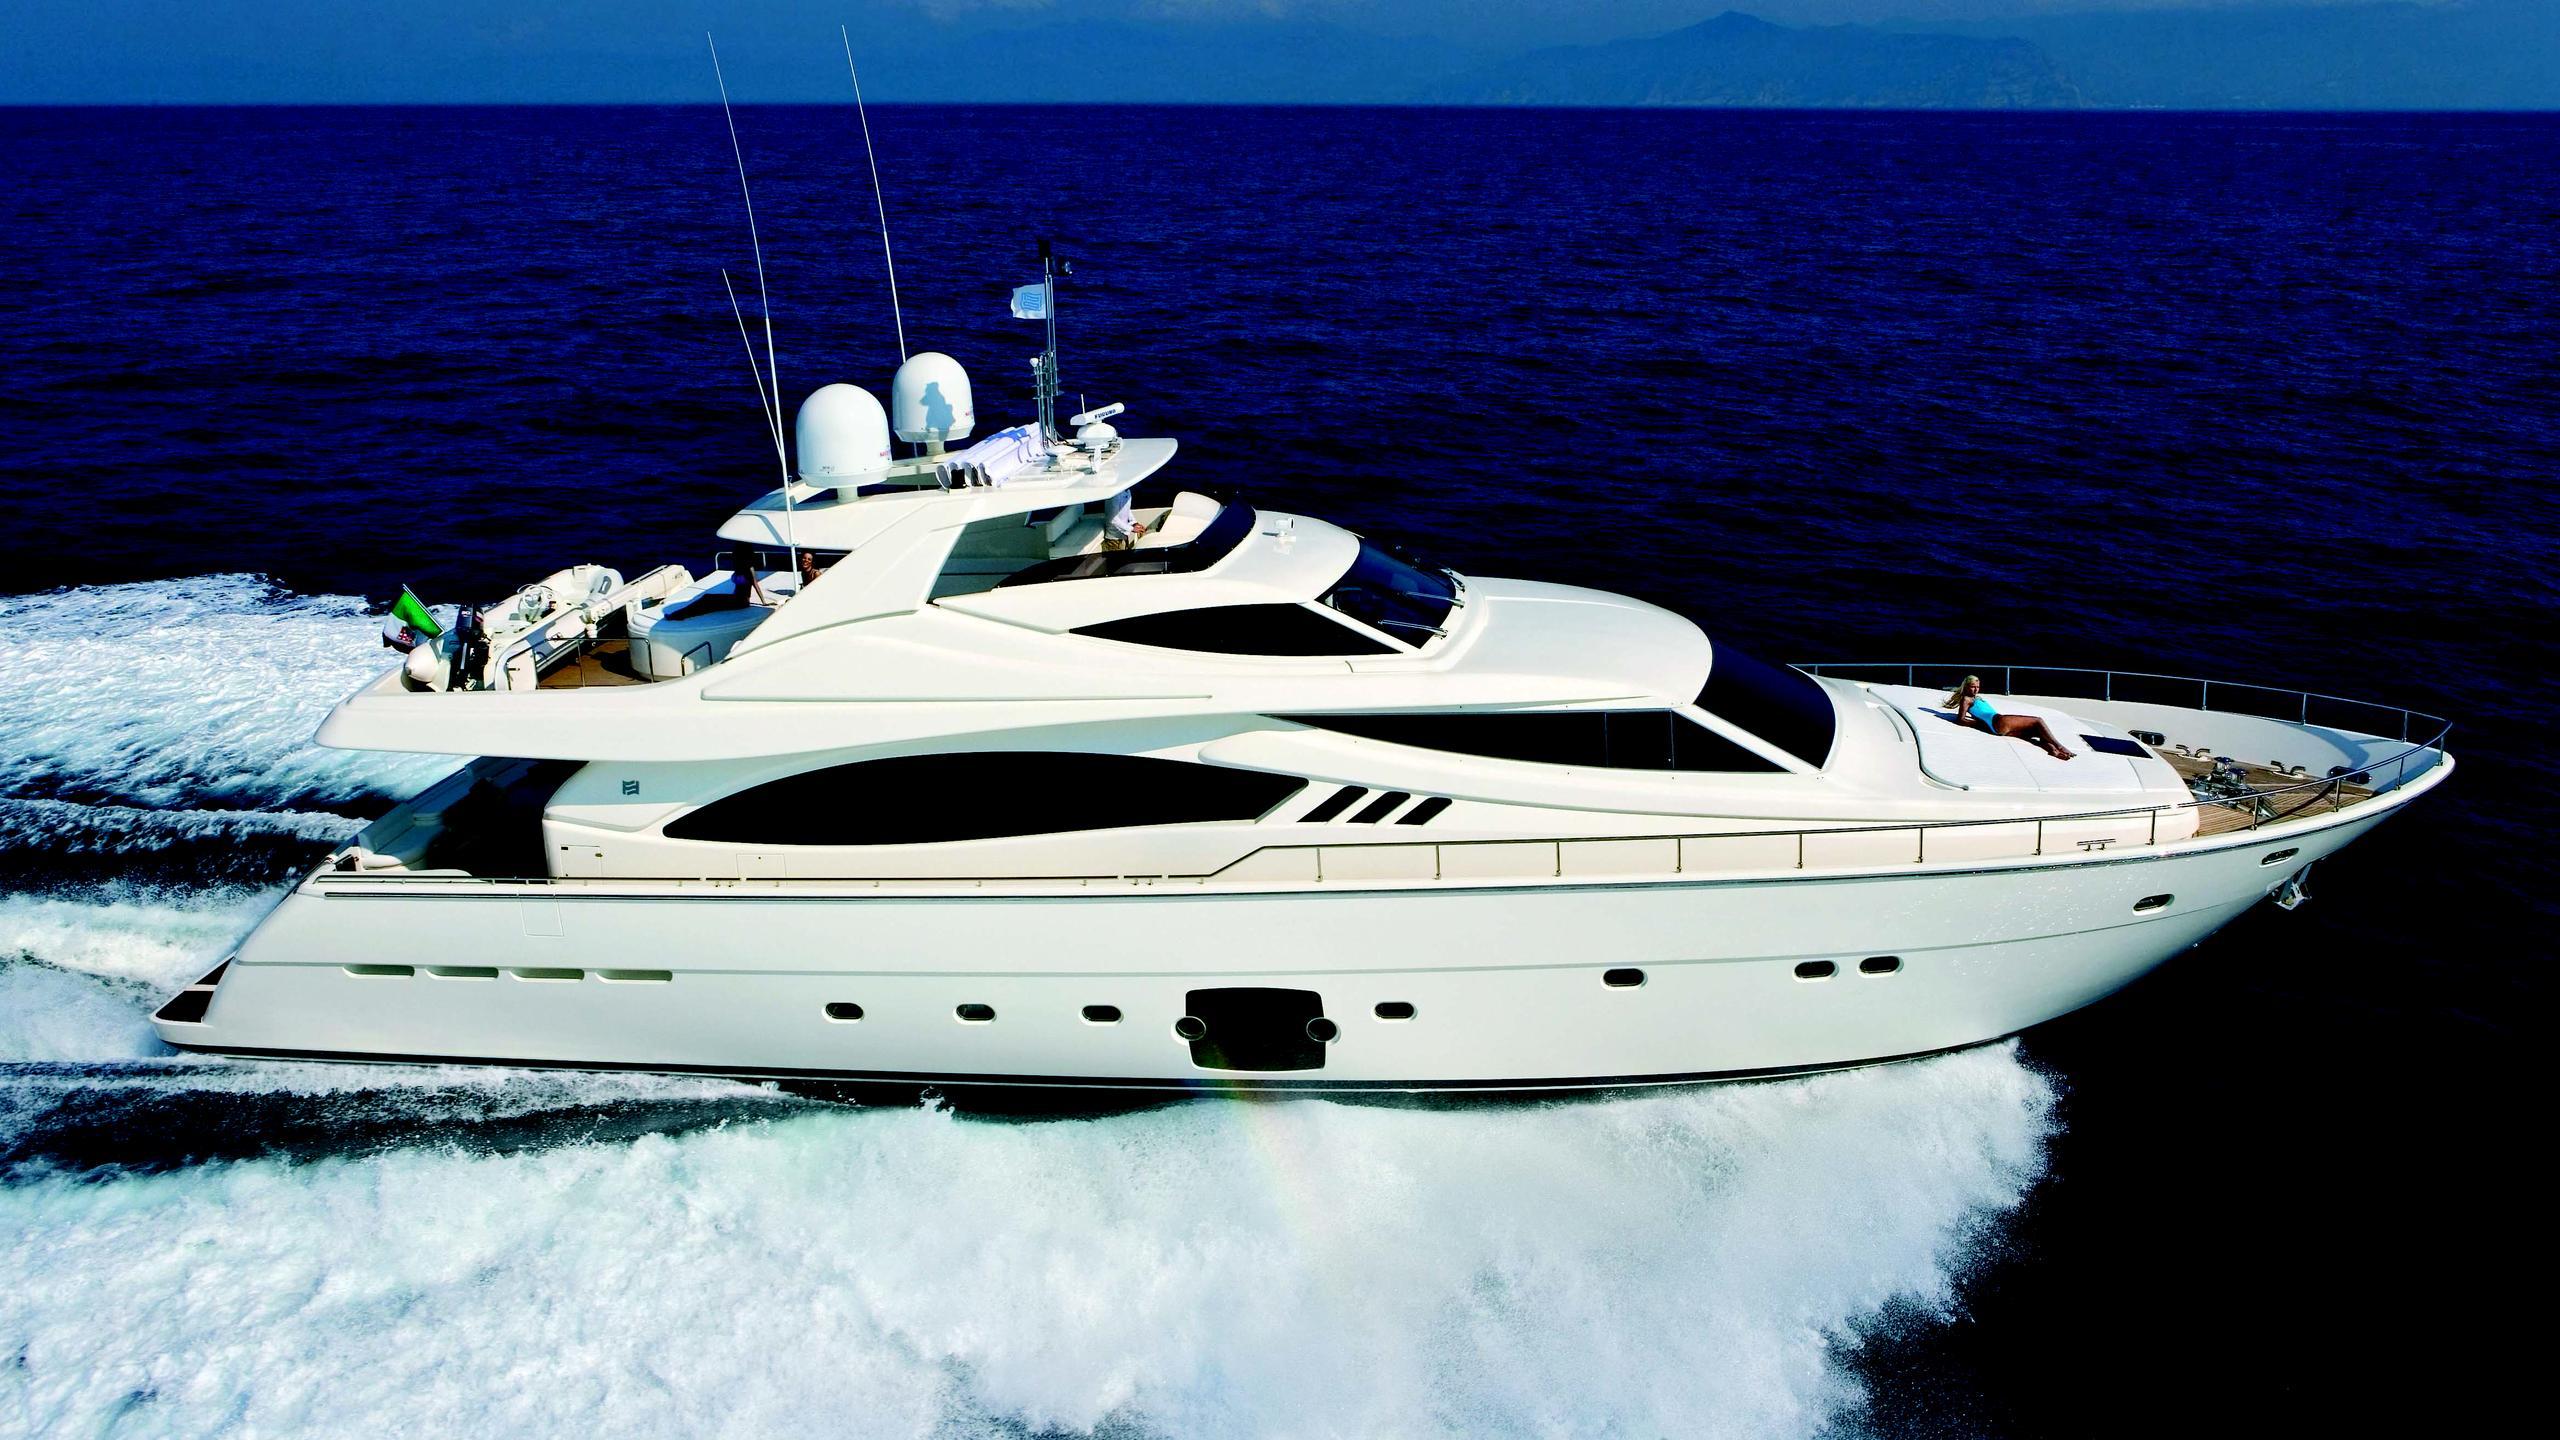 juna-motor-yacht-ferretti-881-rph-2008-27m-cruising